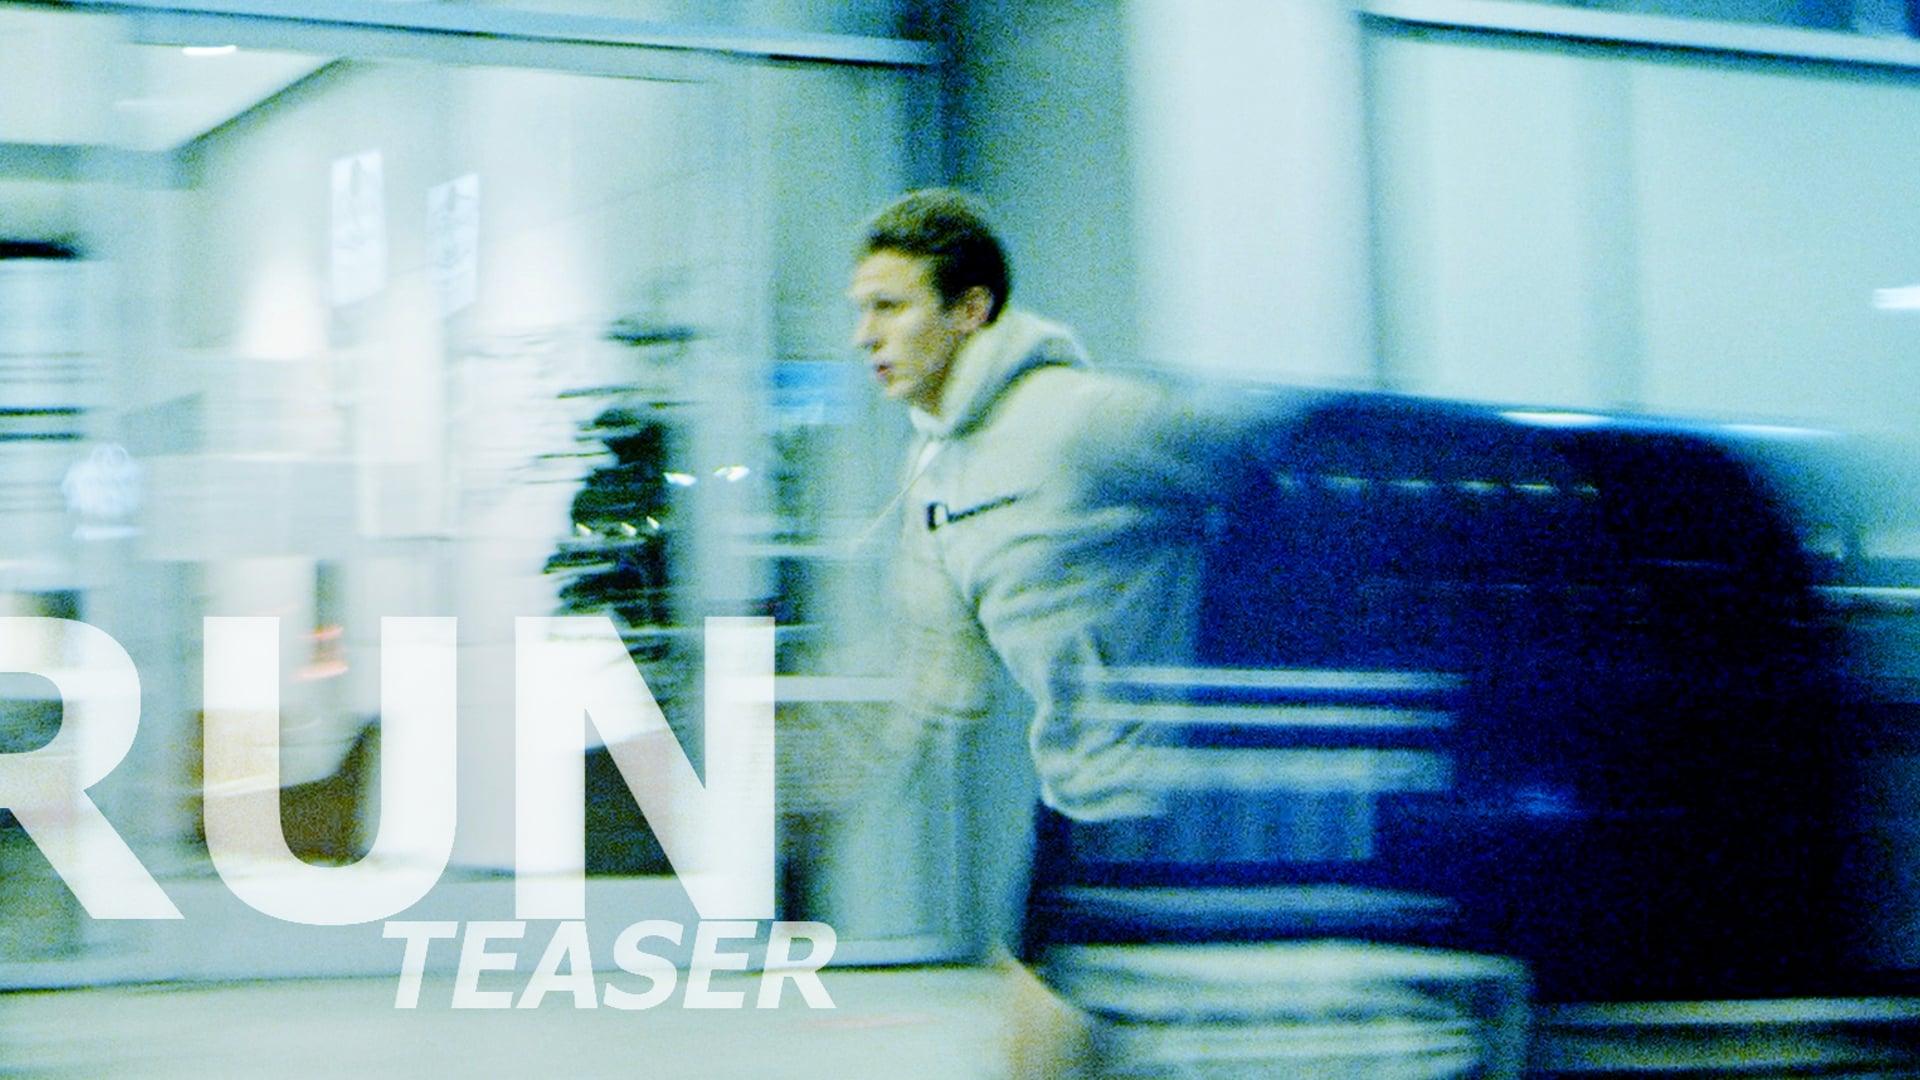 RUN: First Look Teaser (2020)